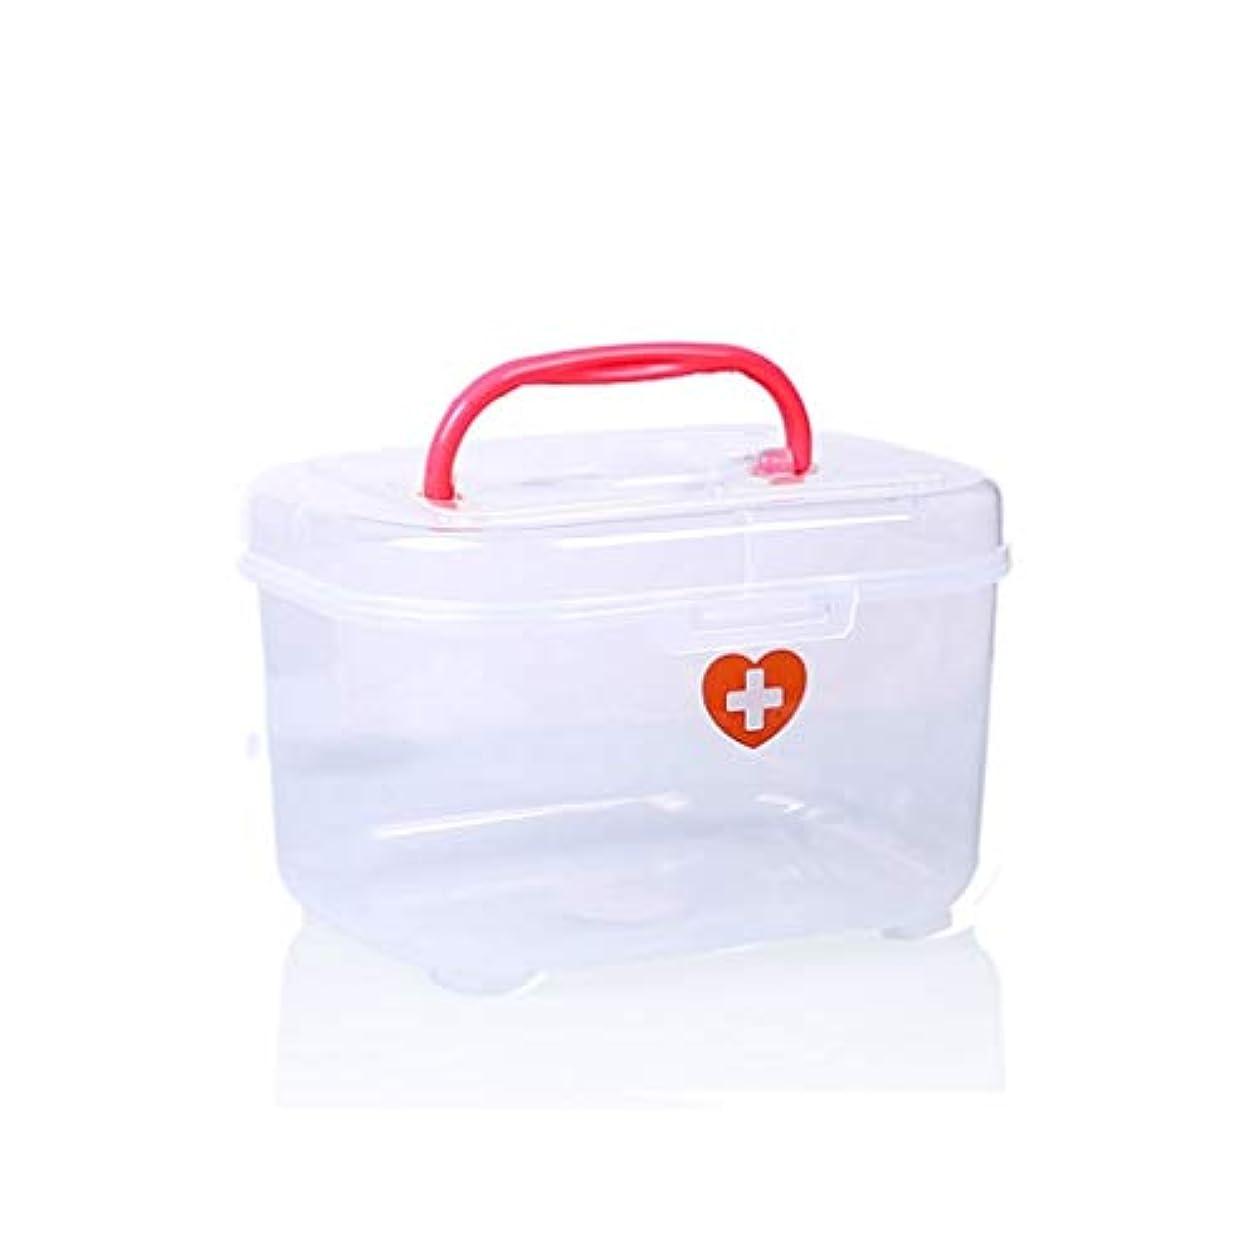 過ち回答実行一般的なドラッグ収納ボックス、プラスチック製の大、小、中、多層、家庭用薬箱 HUXIUPING (Color : Red, Size : M)